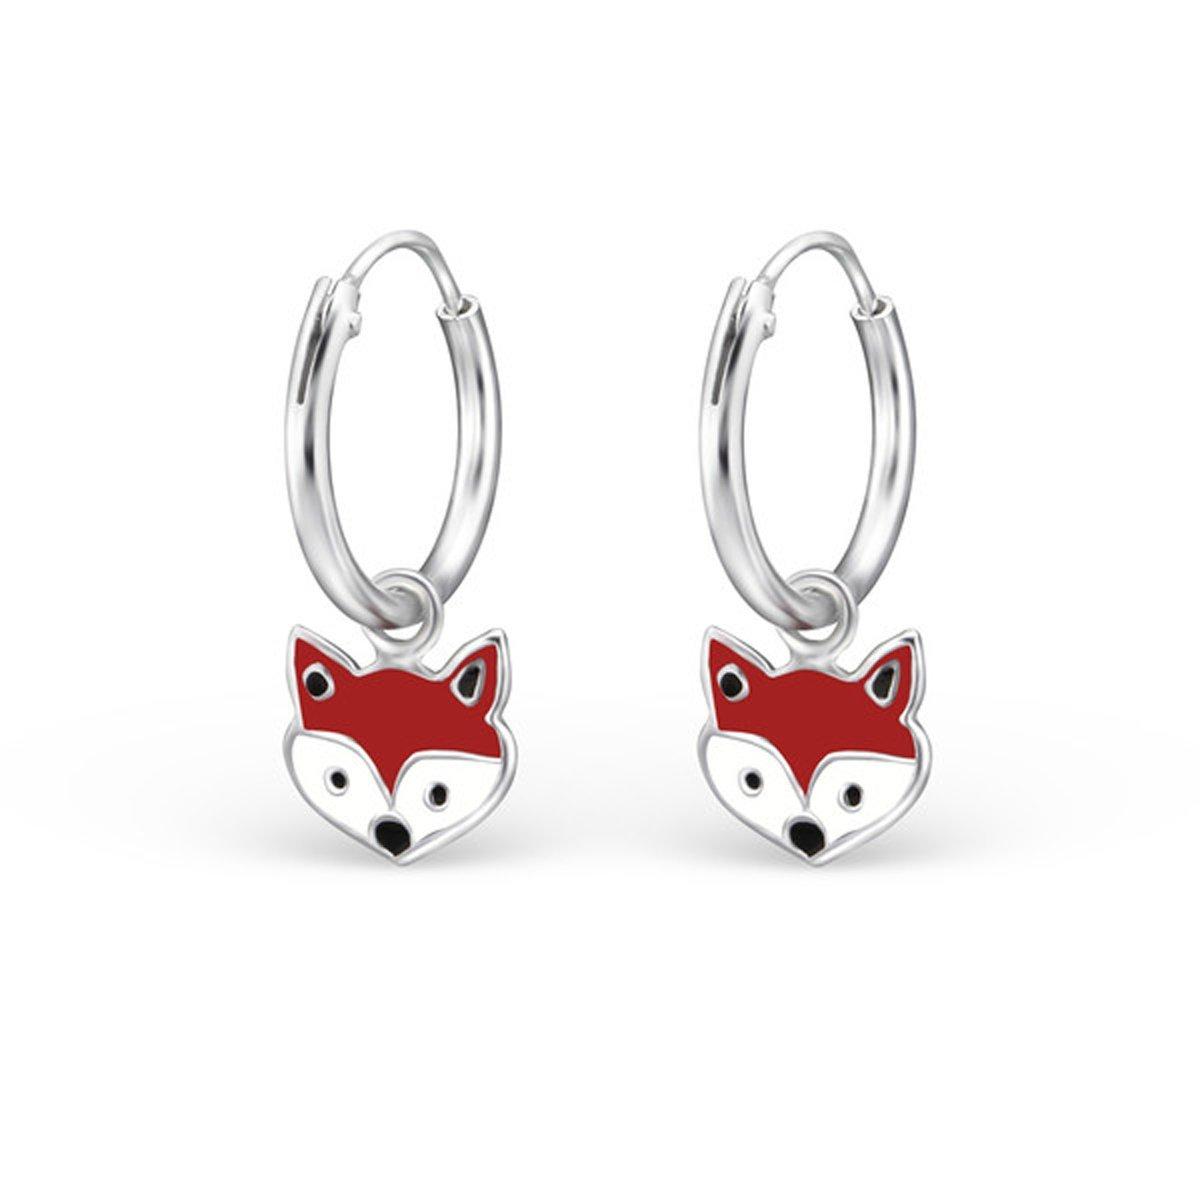 Cute Fox Hoop Earrings Kids Girls Childrens Enamel Silver Earrings 925 (E28050) by PTN Silver Jewelry (Image #1)